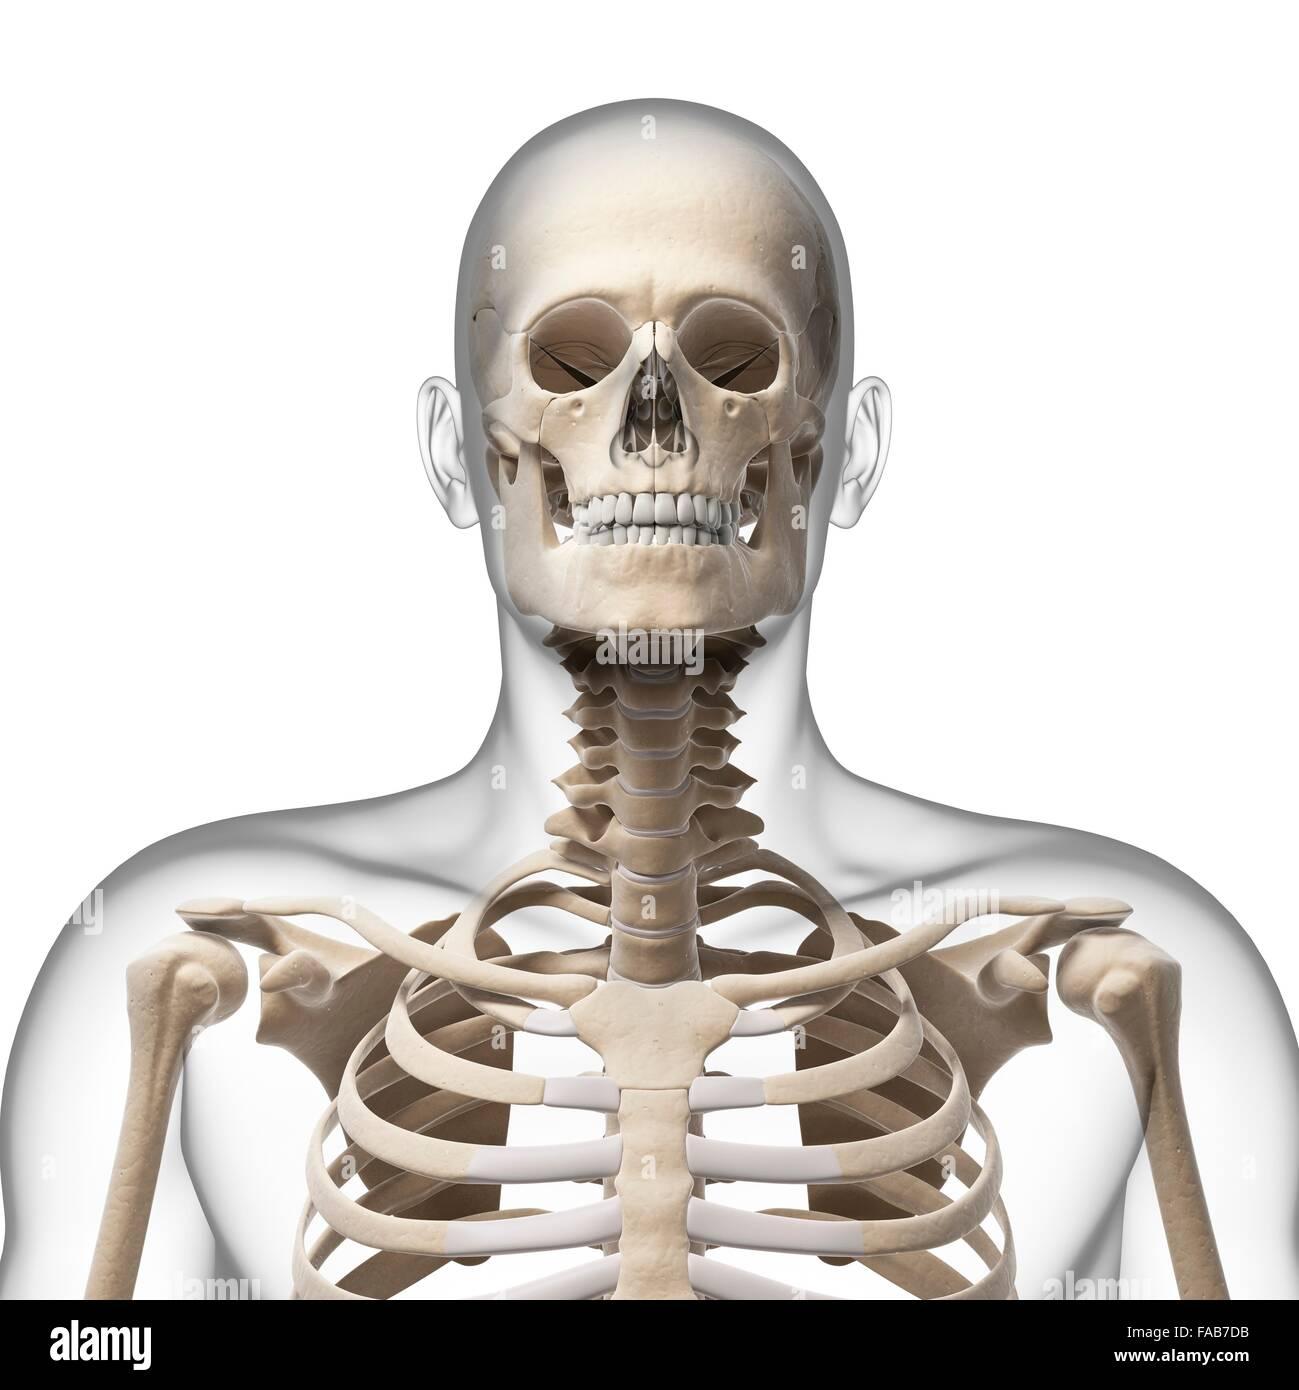 Fantastisch Skelett System Informationen Ideen - Anatomie Ideen ...